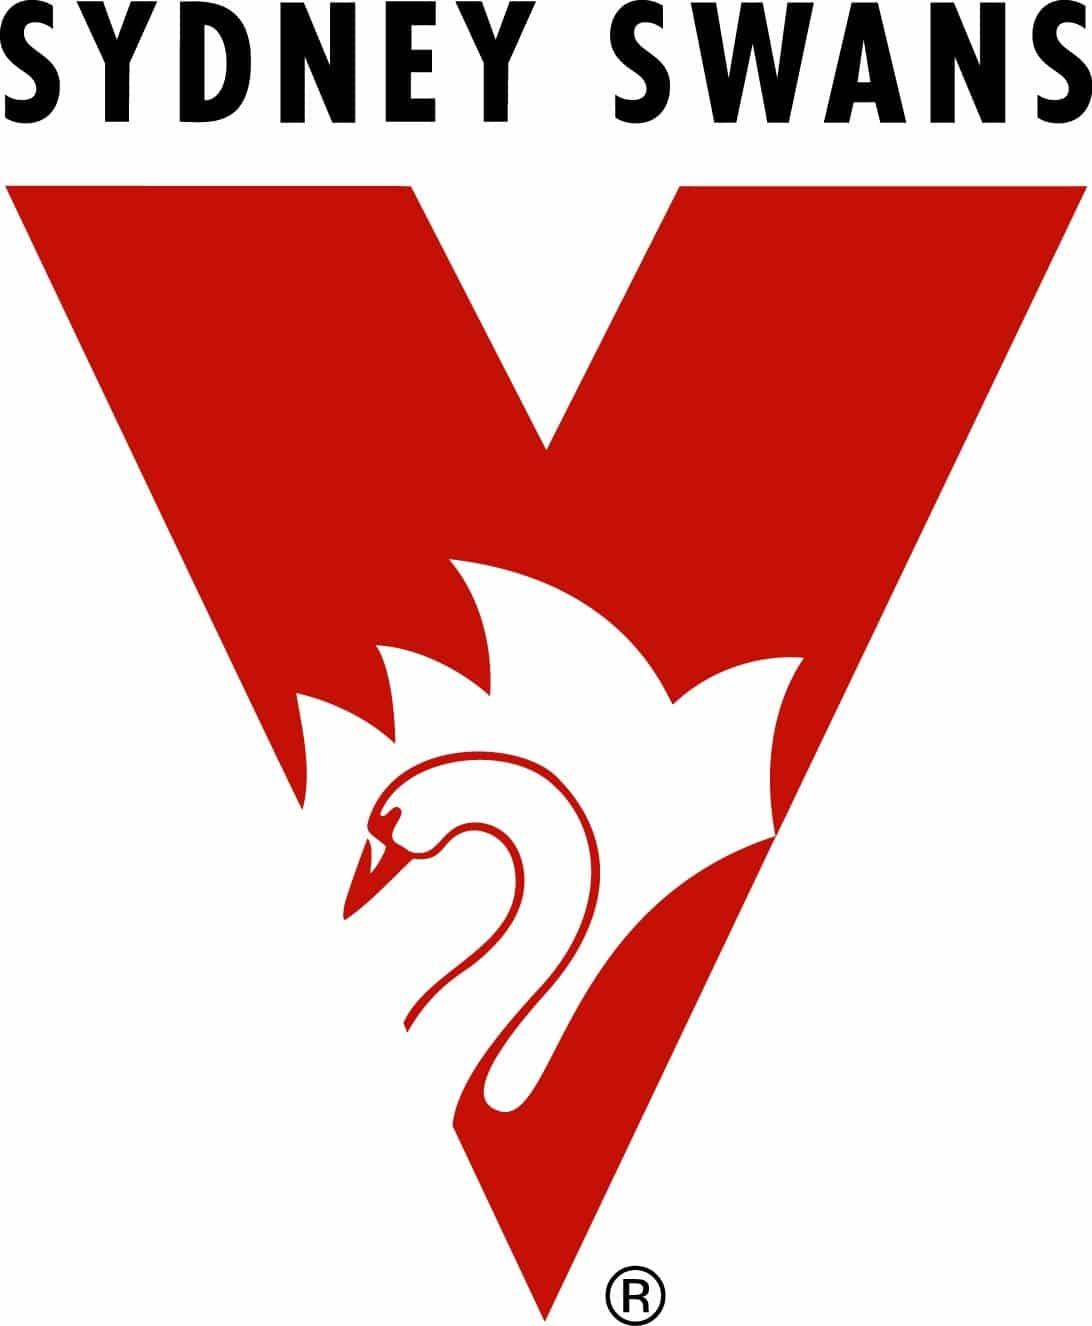 AFL Club Sydney Swans